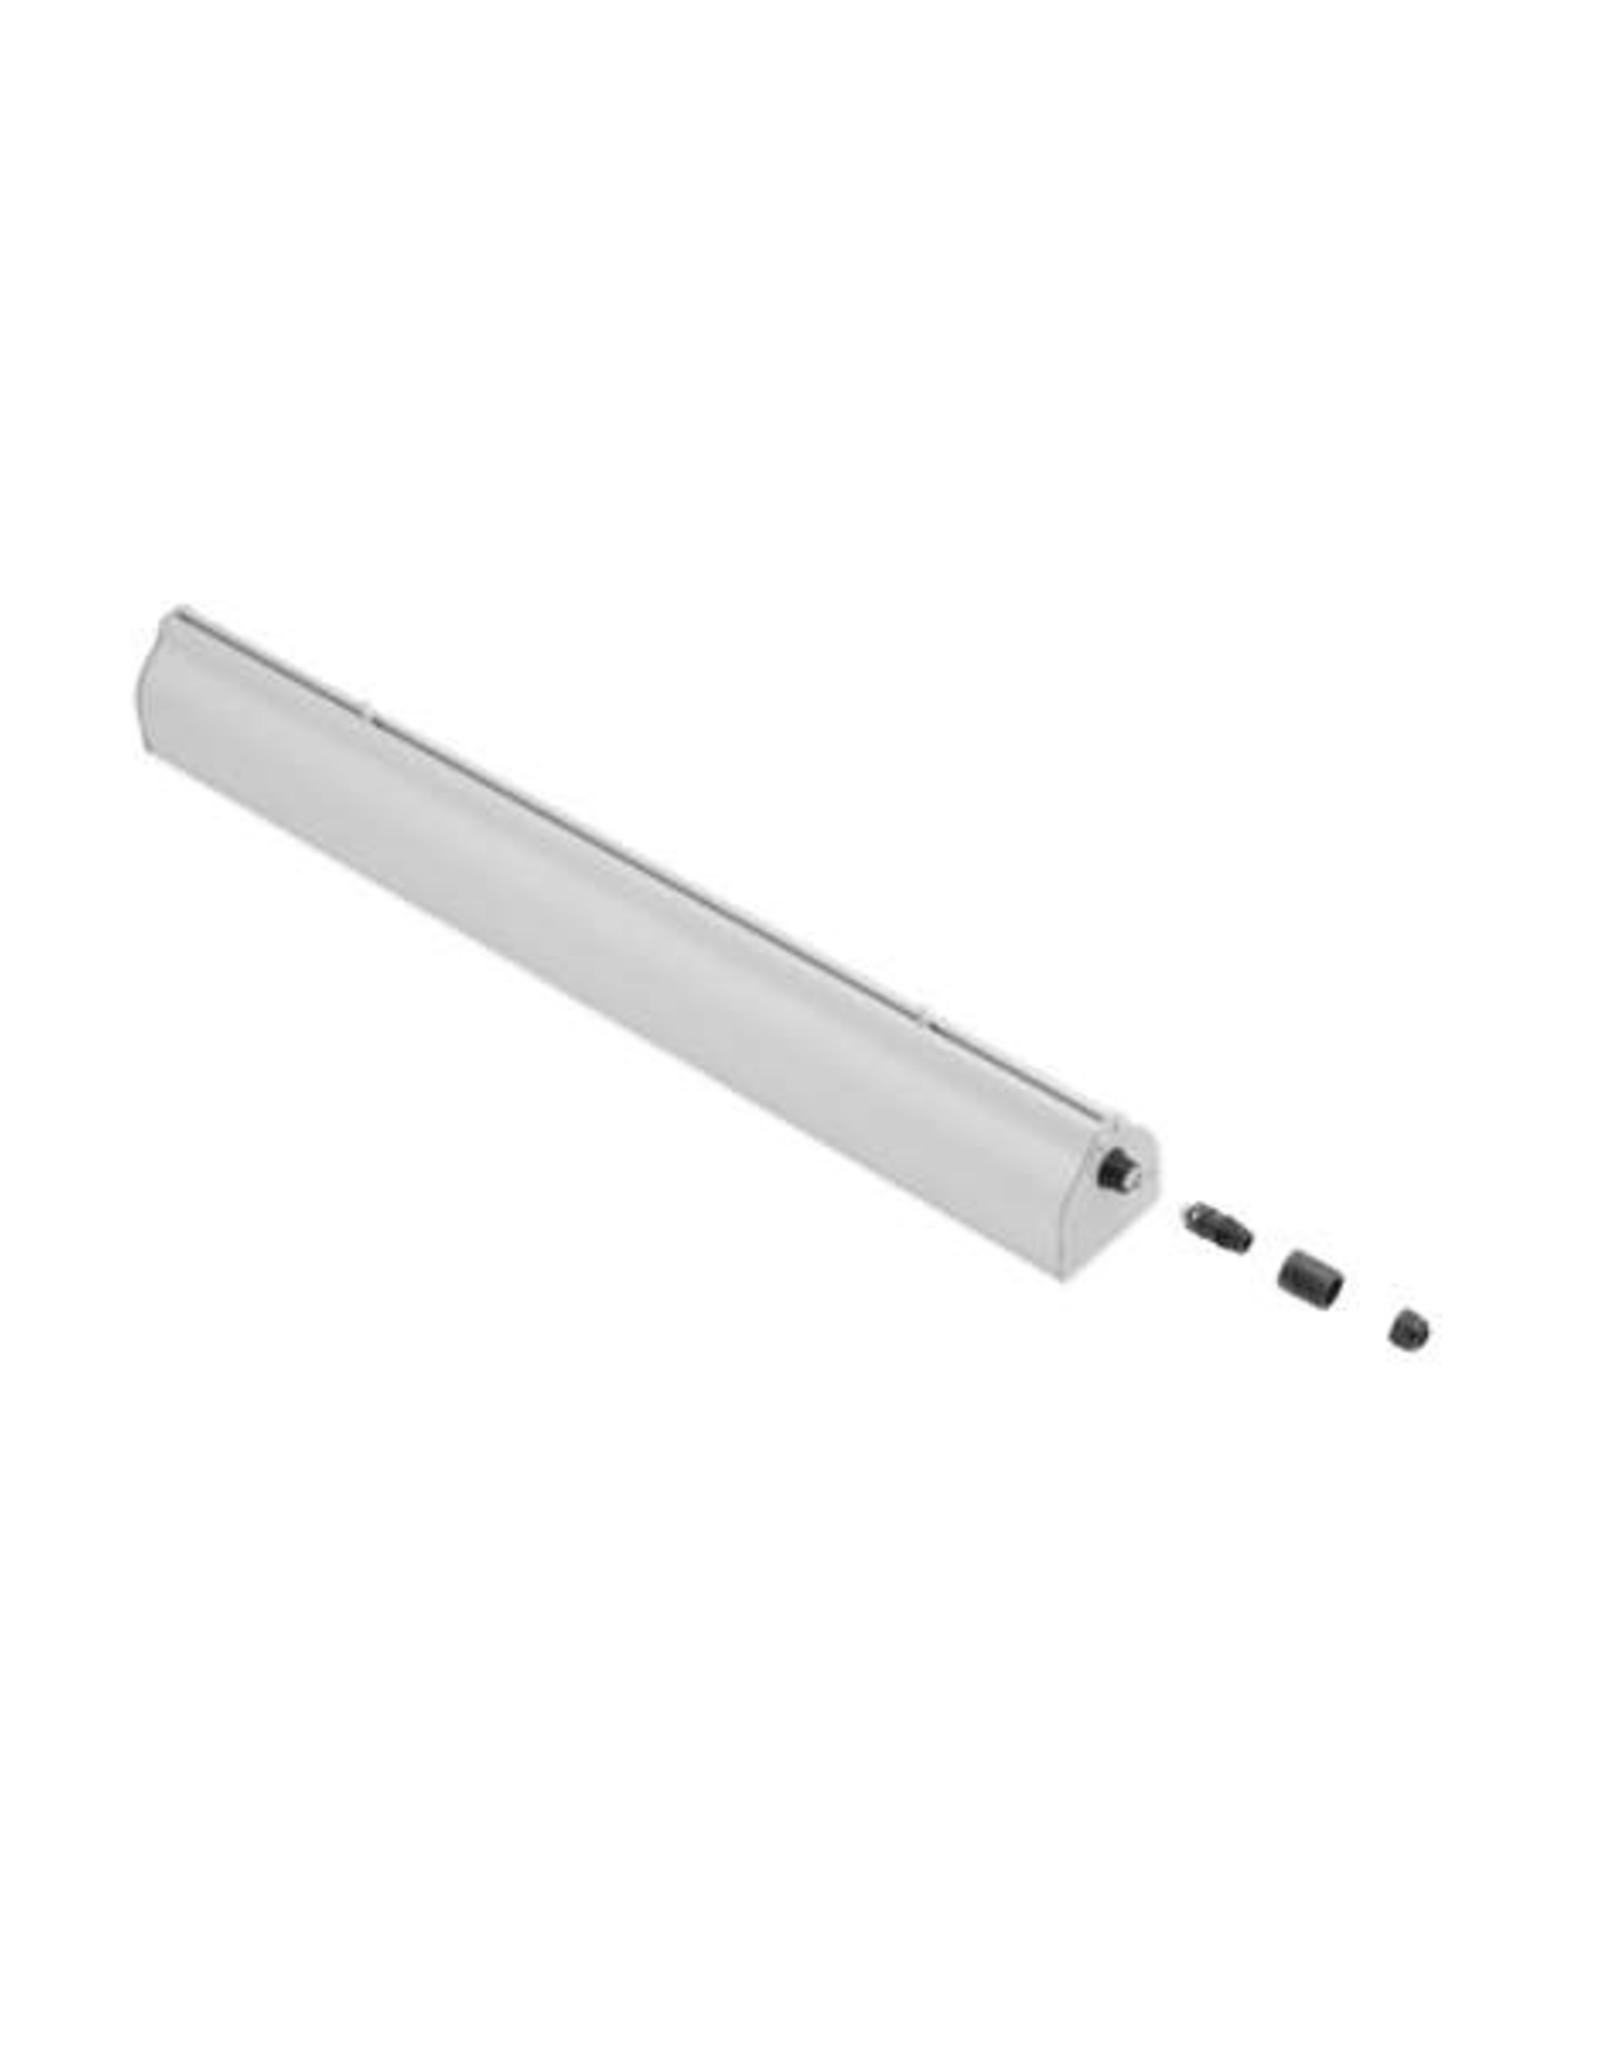 LUXON LED ULTIMA:LED 2.0 III